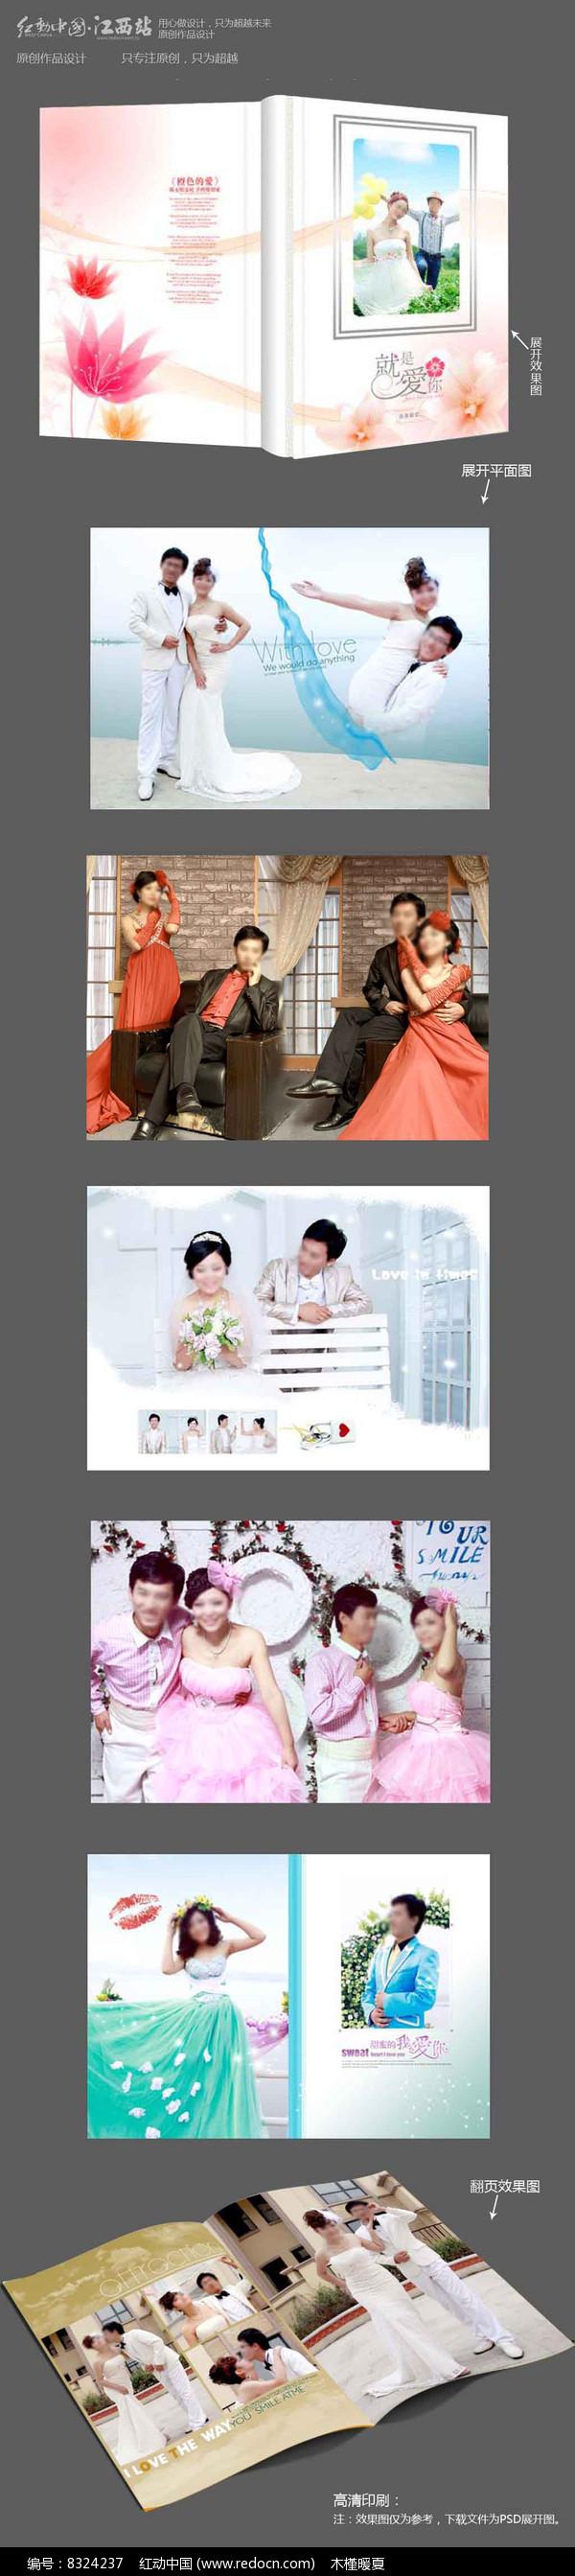 简约大气十寸婚纱相册设计图片